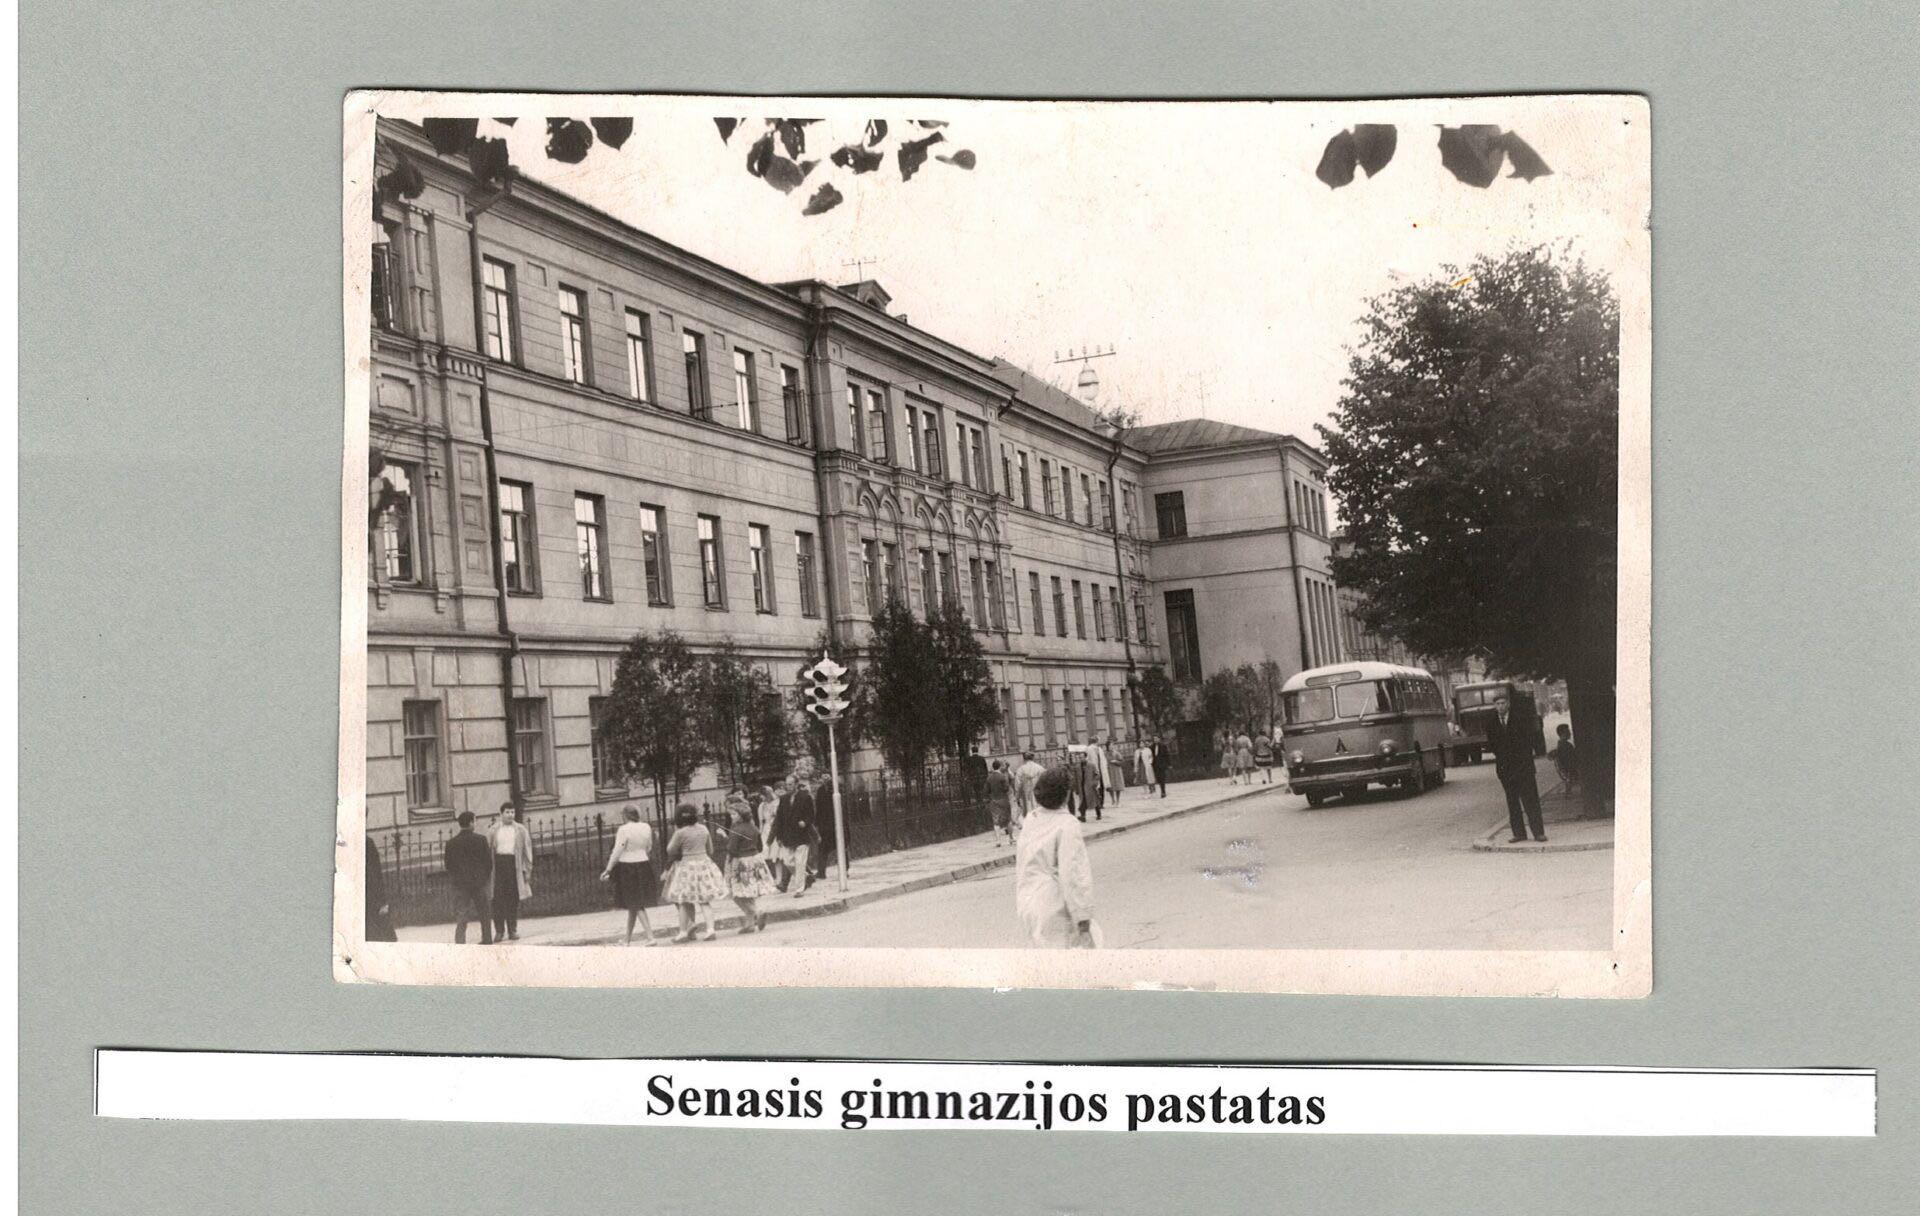 Senasis gimnazijos pastatas